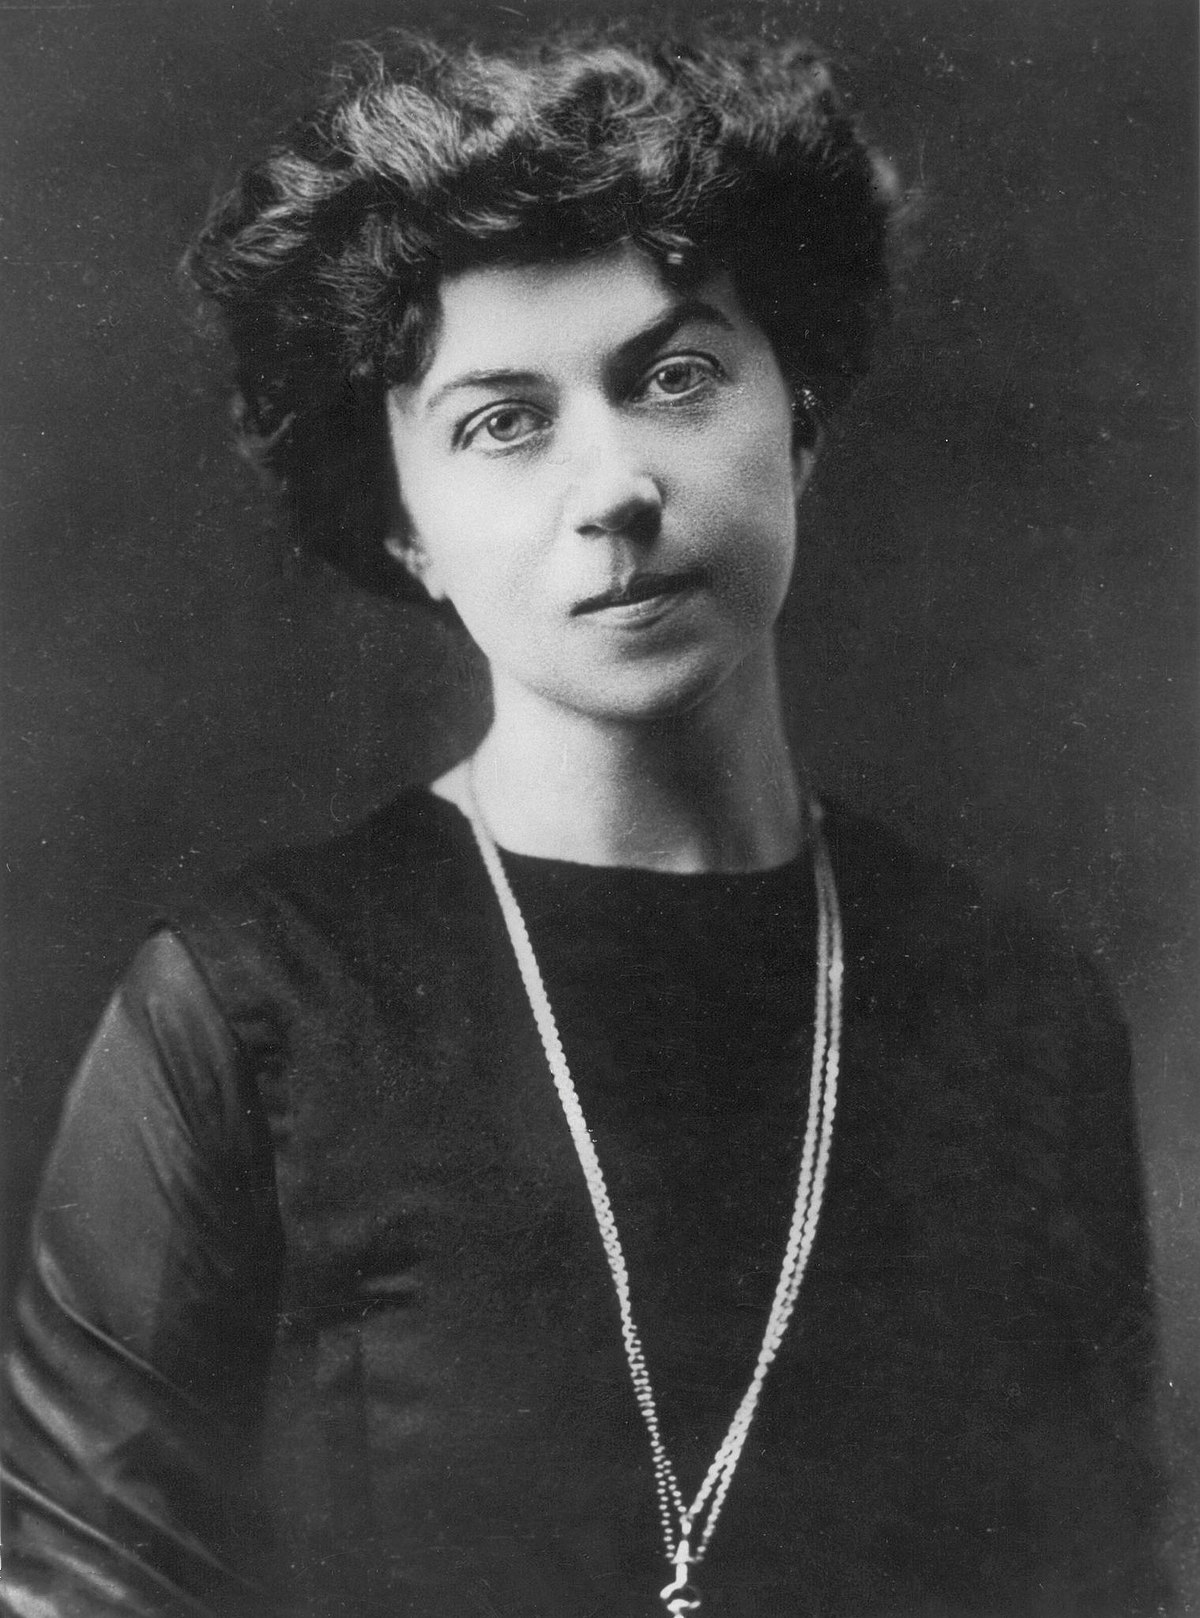 الكساندرا كولونتاي